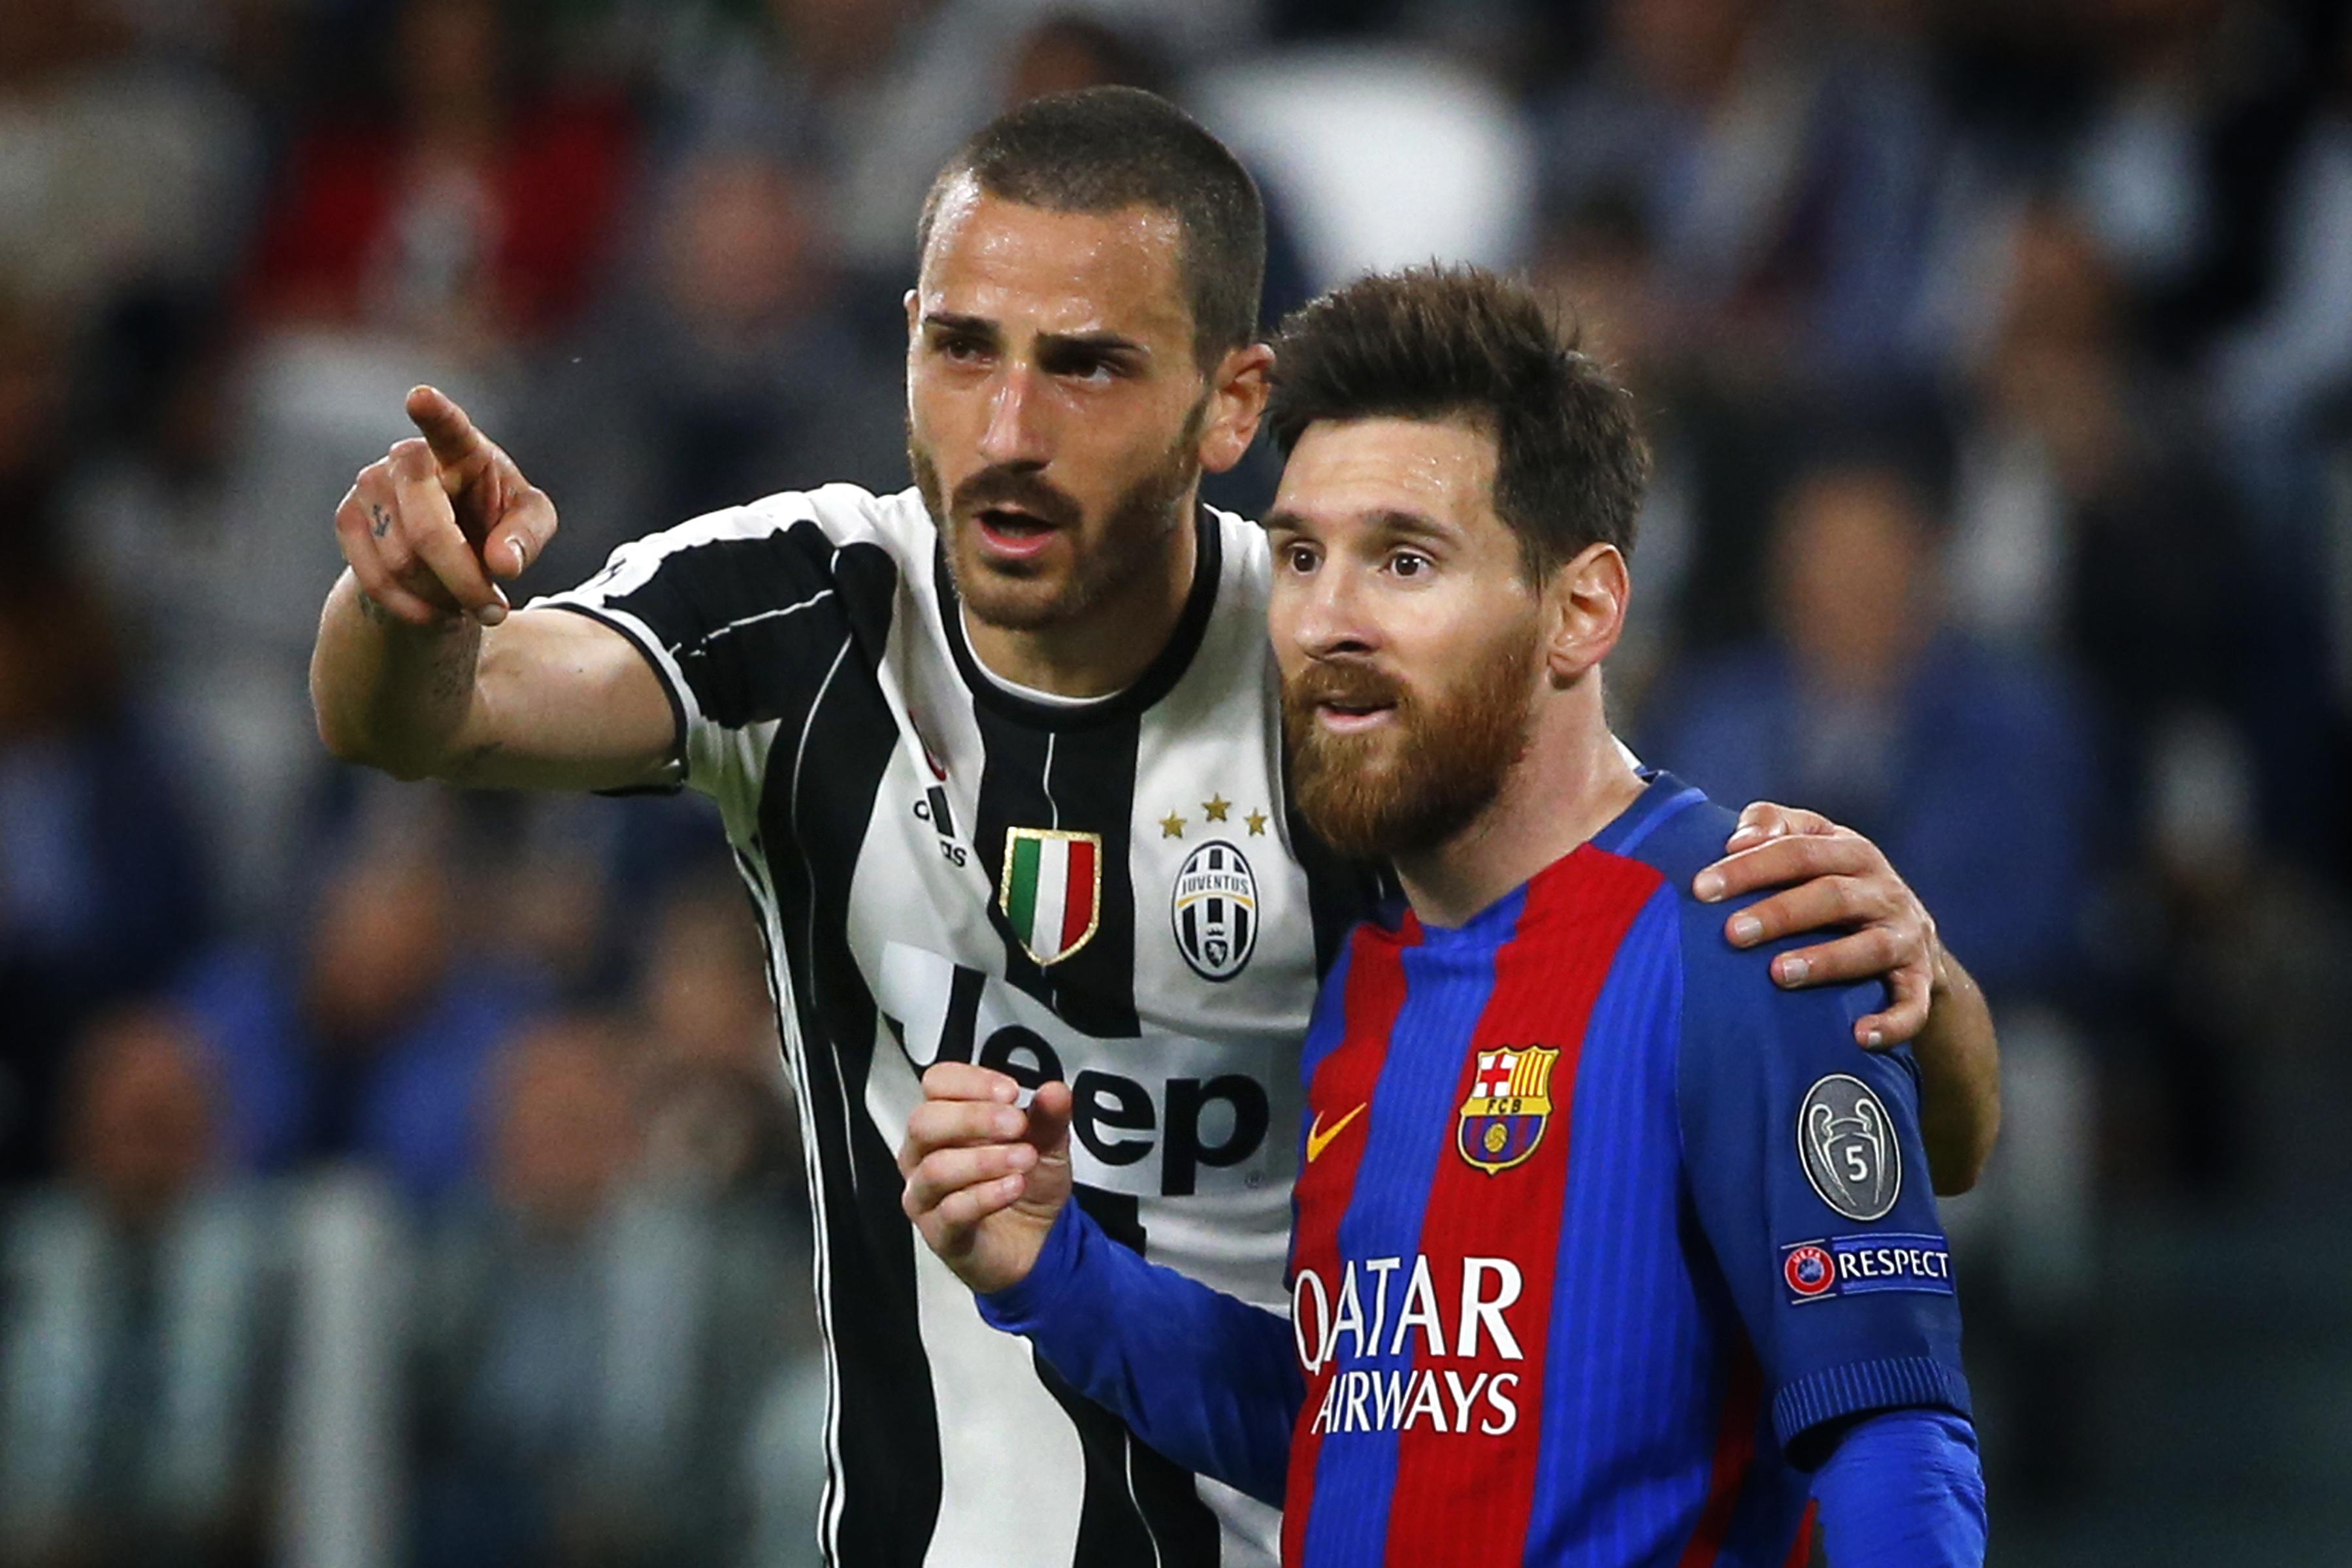 Barcelona vs. Juventus stream, barcelona juventus vivo, barca juve stream, barcelona juventus live stream, barcelona champions league stream, champions league free stream, barcelona juventus free live stream